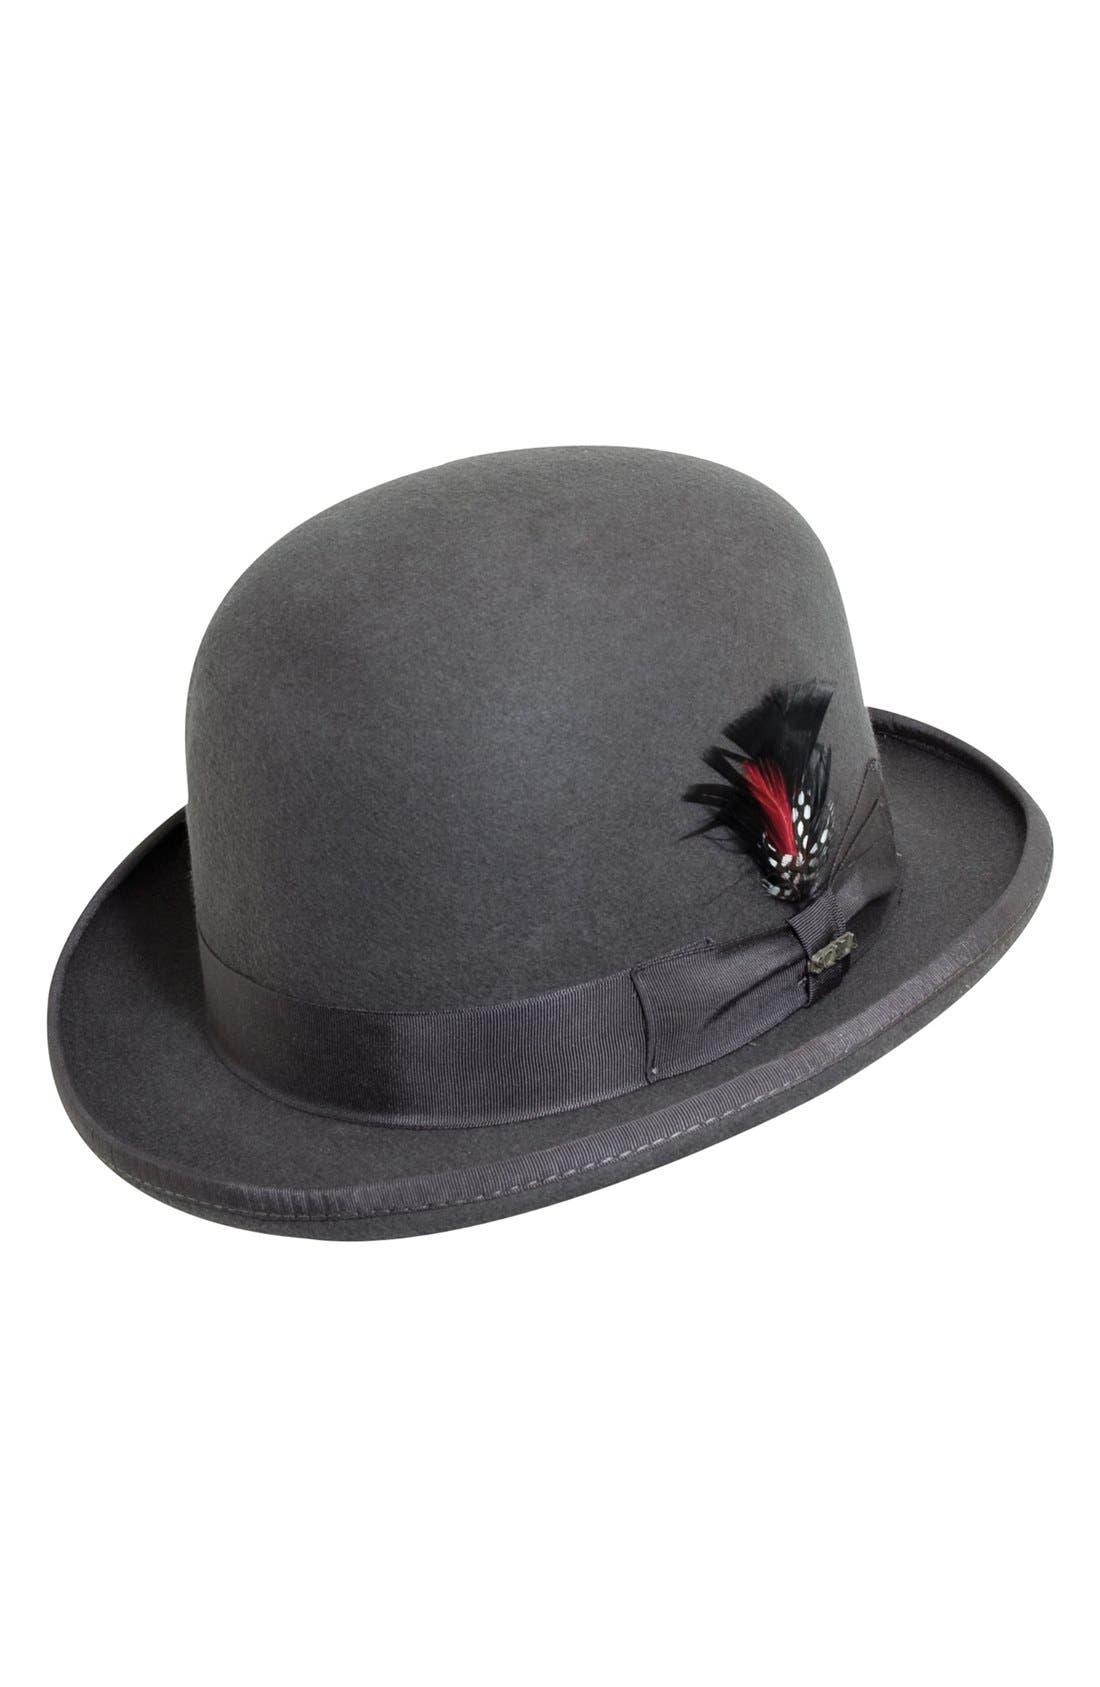 SCALA Classico Wool Felt Derby Hat